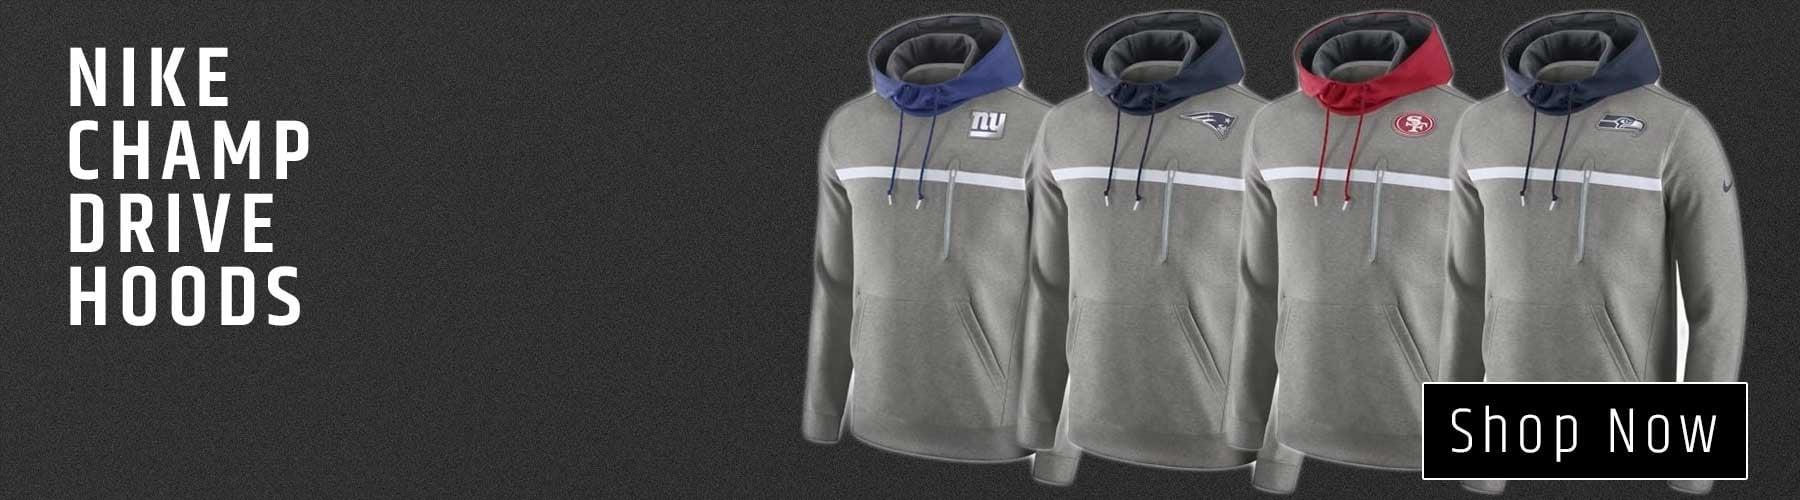 Nike Champ Drive Hoods